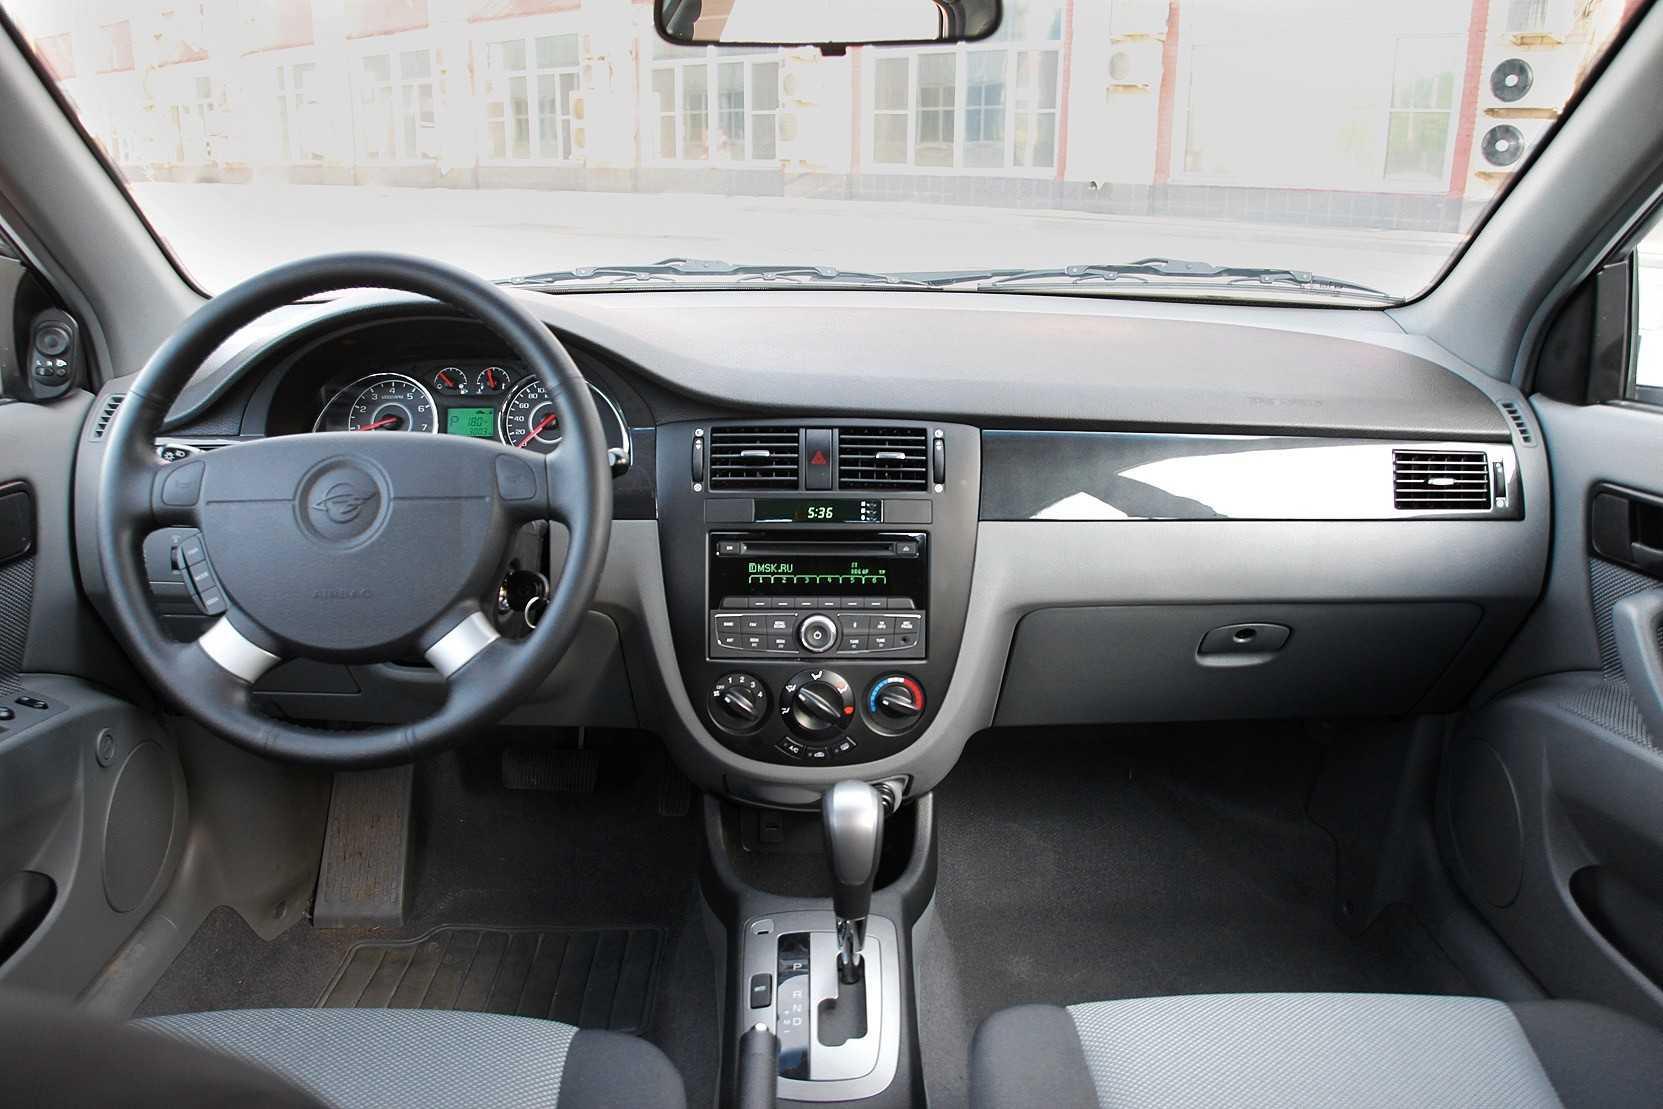 Равон джентра 2018 комплектации и цены, фото, видео, характеристики – автомобильный блог